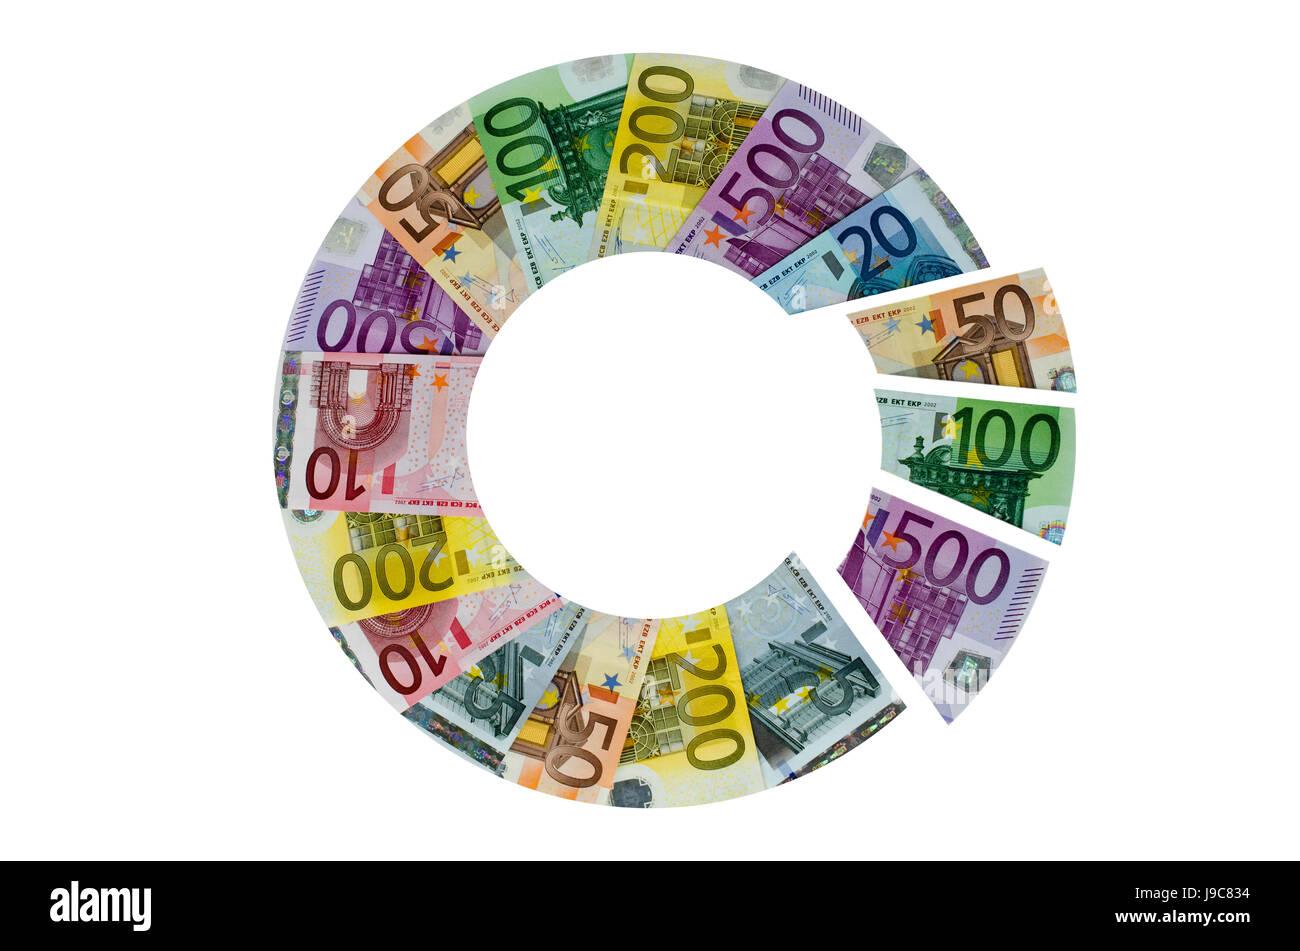 Euro, Banknoten, Kreis, Schnitt, Diagramm, verteilen, Geld, bank ...